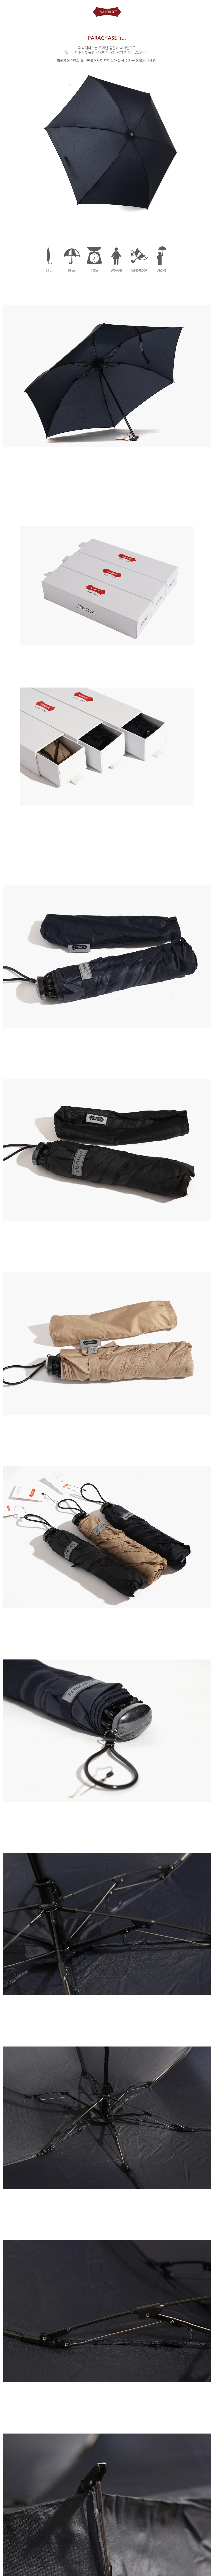 파라체이스(PARACHASE) 3215 초경량 우양산 겸용 휴대용 3단우산